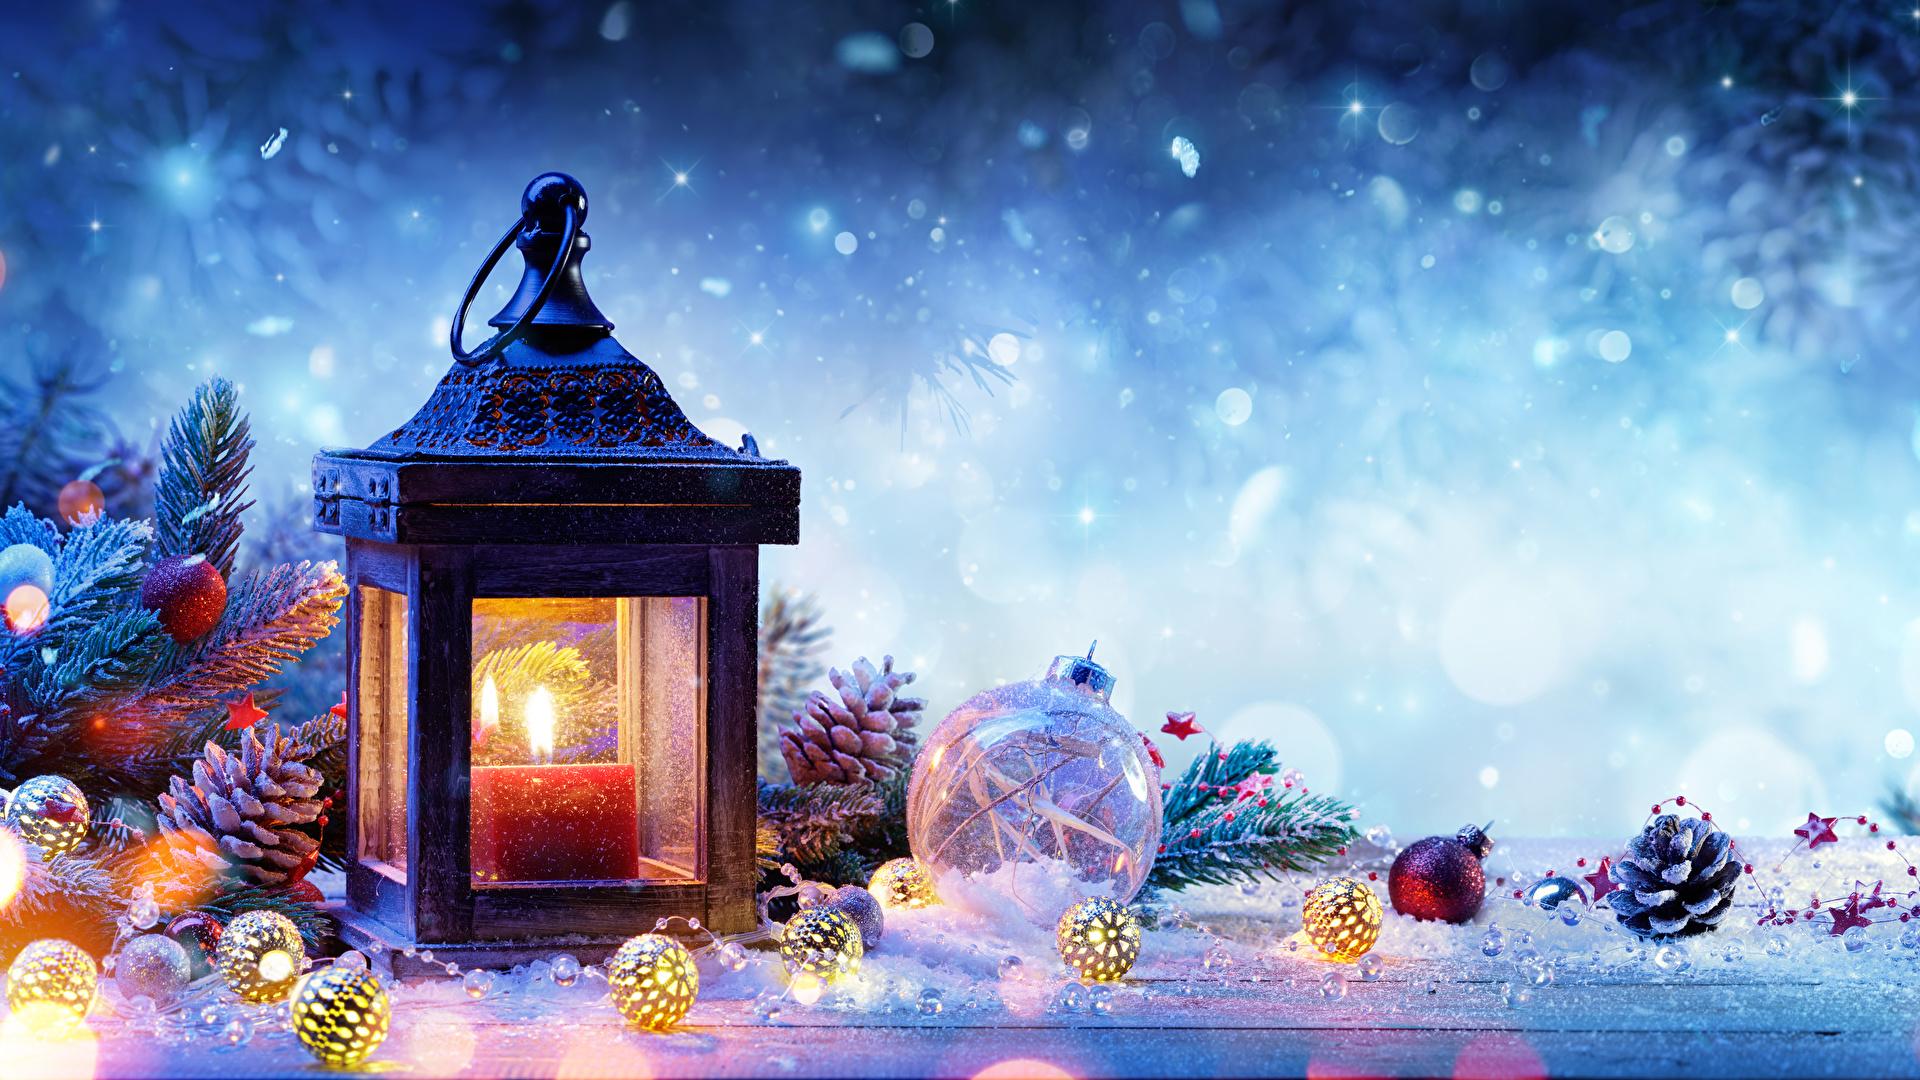 Desktop Hintergrund Weihnachten Hd